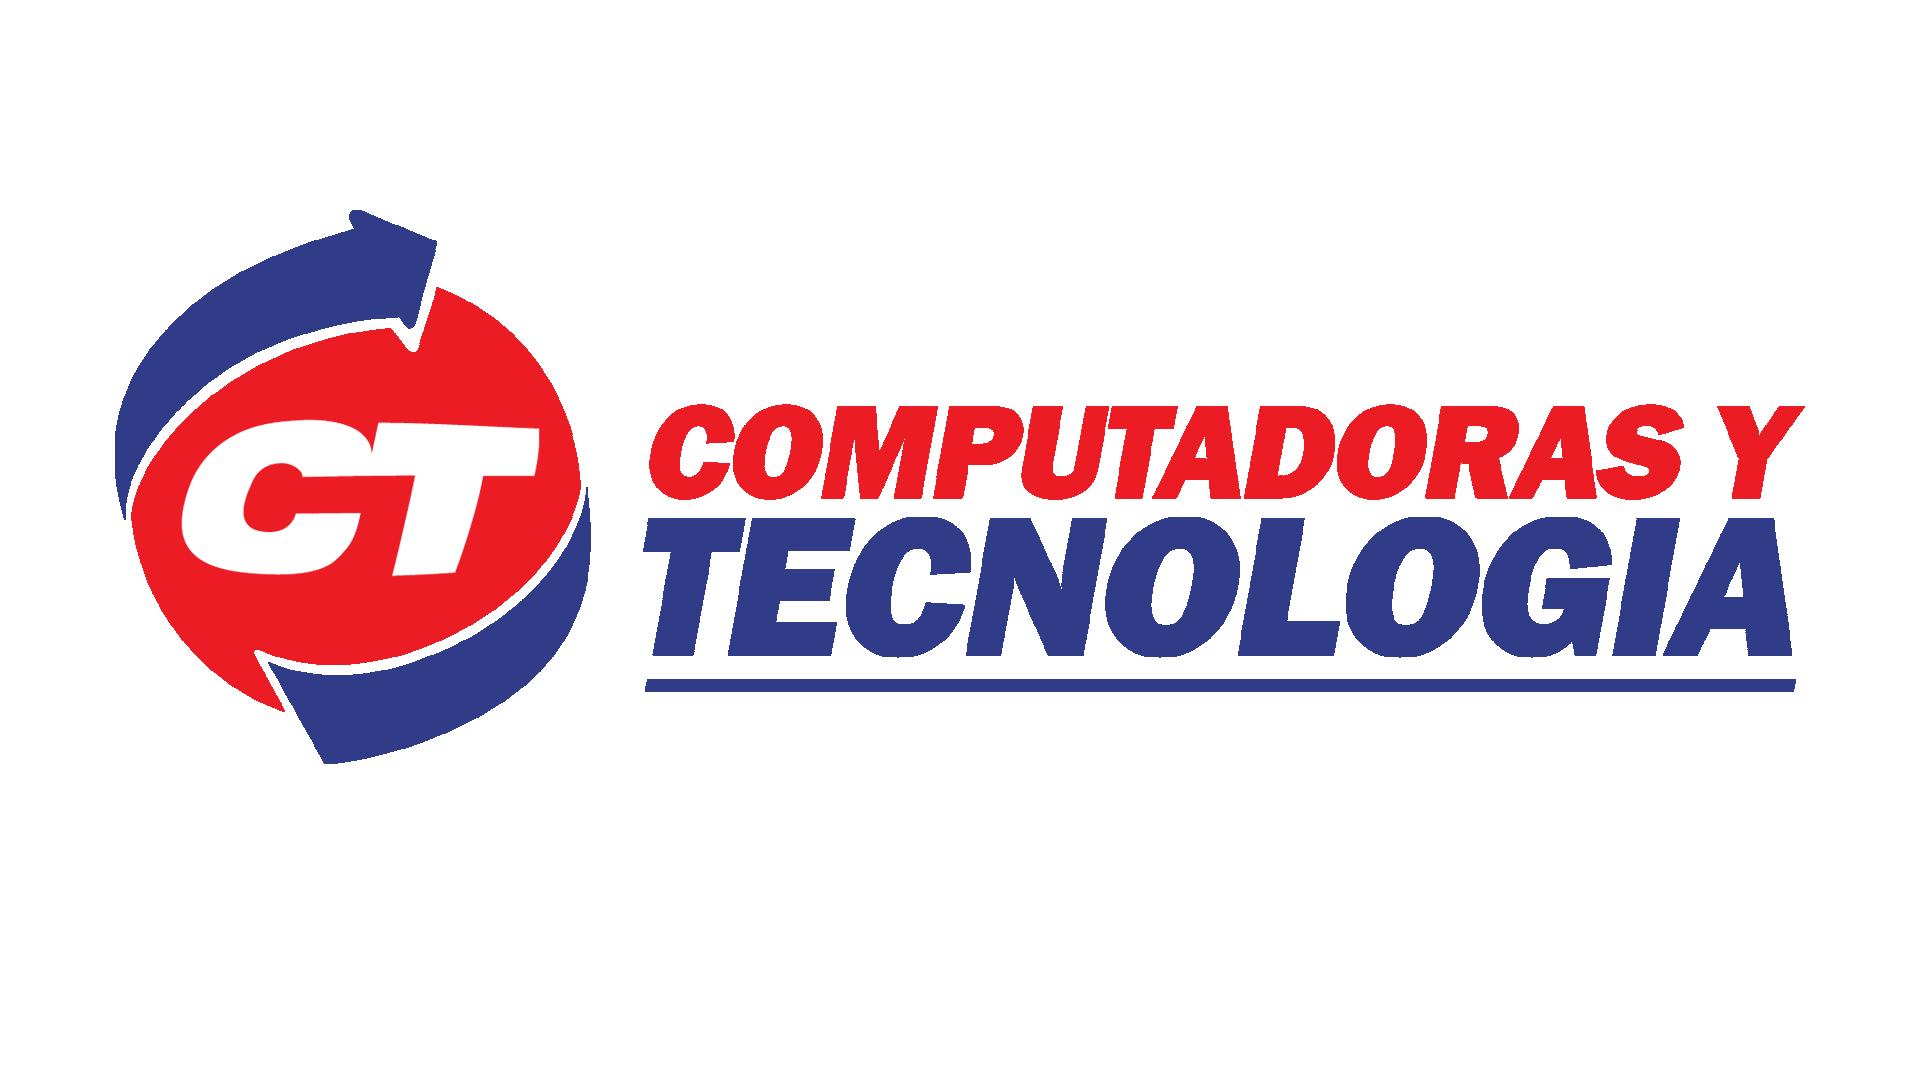 Logotipo de CT, aliado de Academia de Negocios Bind